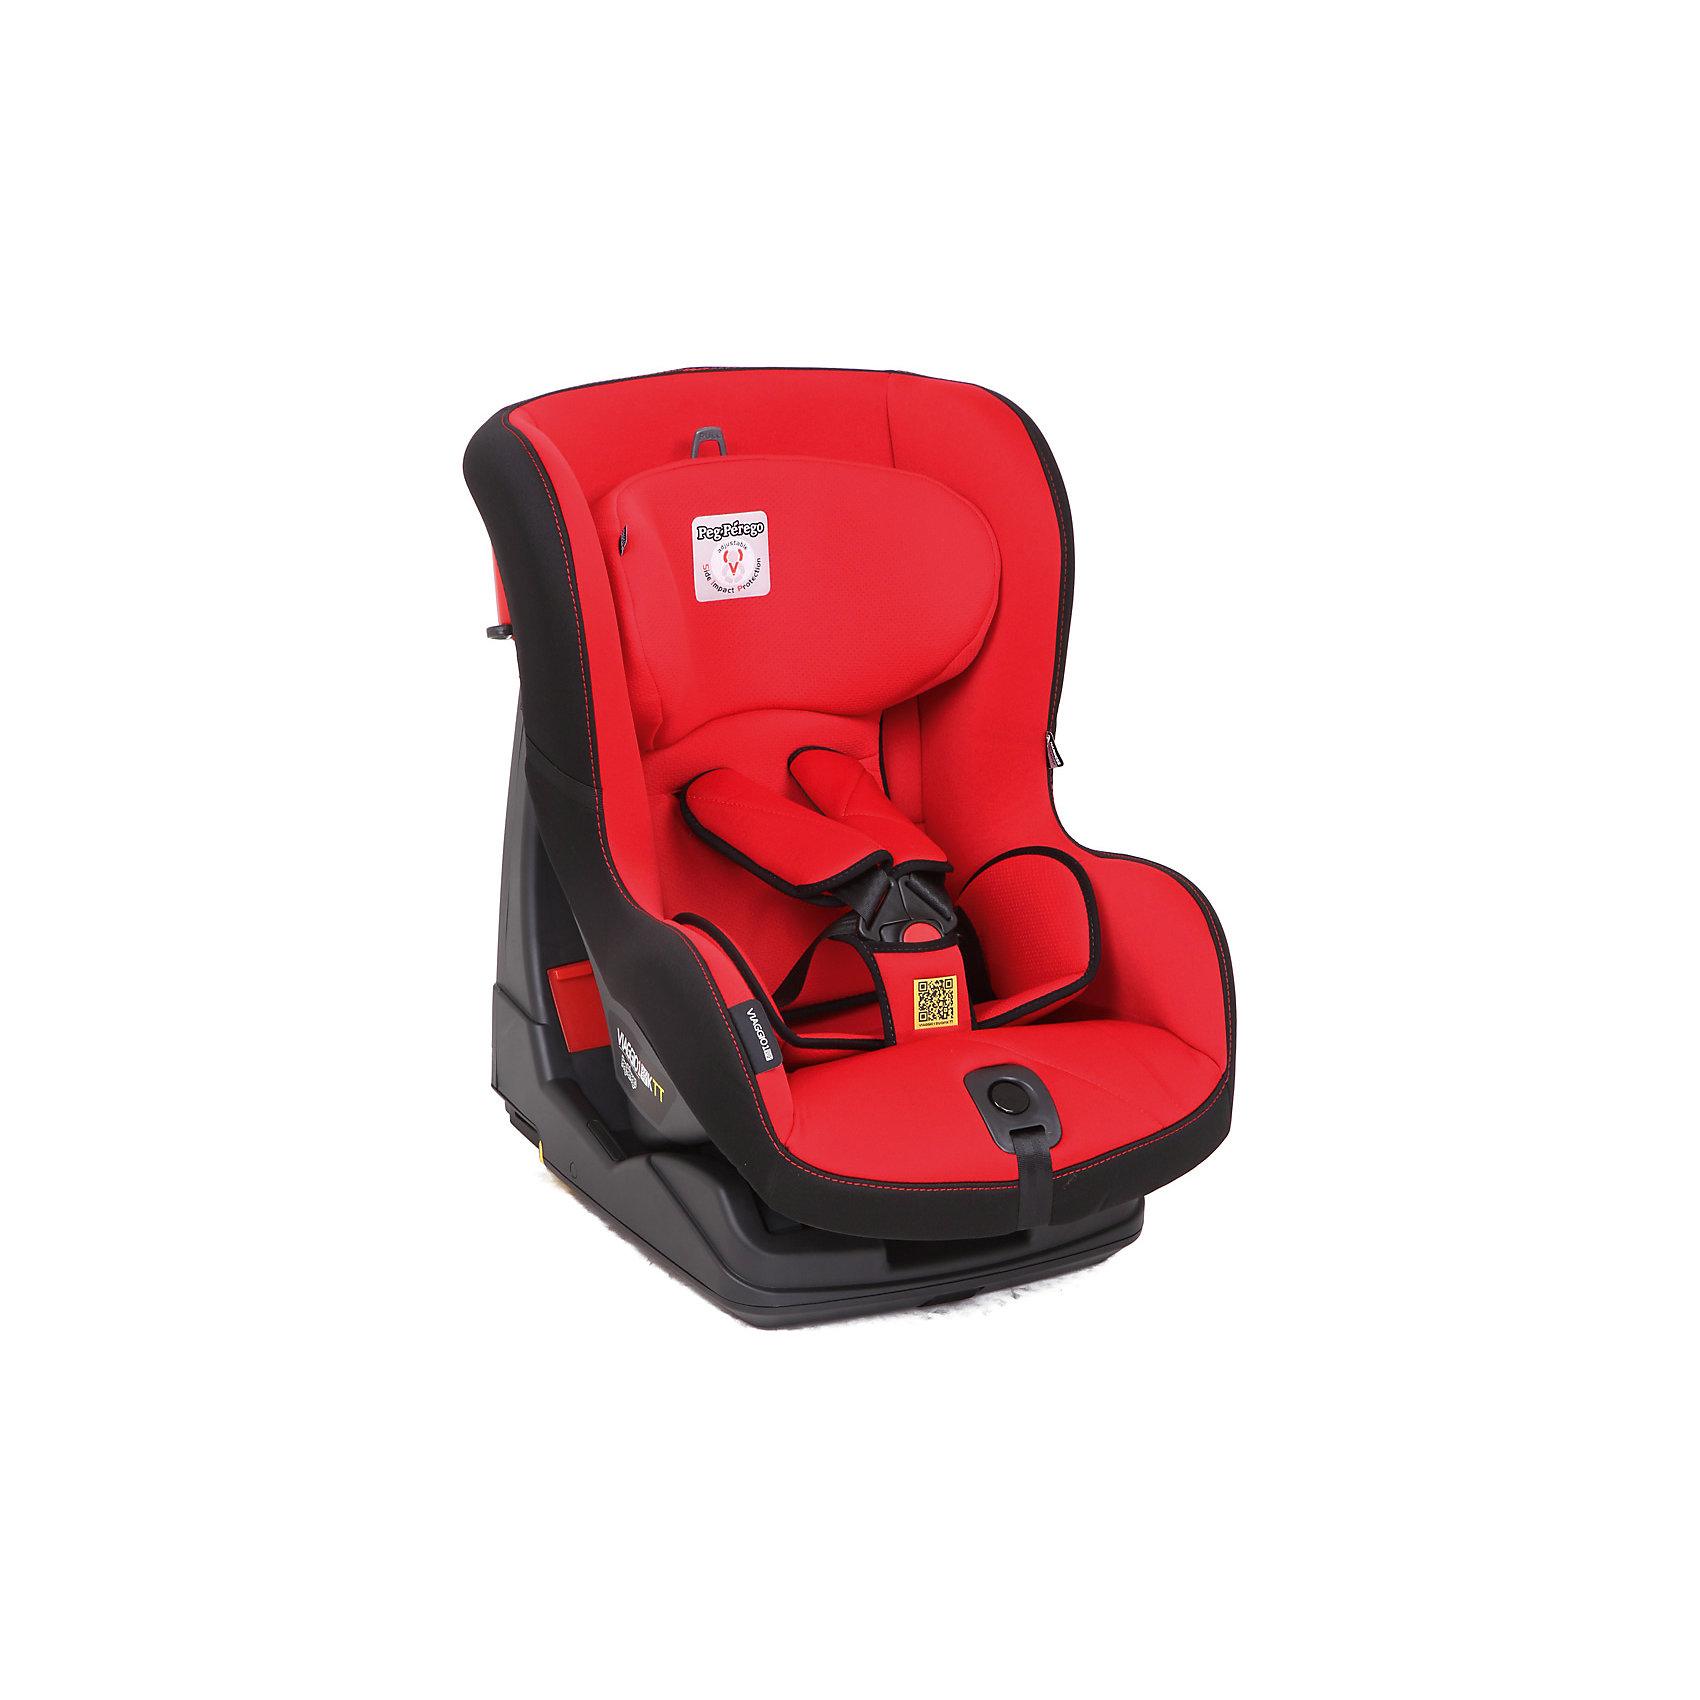 Автокресло Peg Perego Viaggio Duo-Fix, 9-18 кг, красныйГруппа 1 (от 9 до 18 кг)<br>Автокресло Viaggio Duo-Fix, Peg Perego (Пег-Перего) - комфортная надежная модель, которая сделает поездку Вашего ребенка приятной и безопасной. Сиденье кресла с мягкой анатомической подушкой и регулируемым подголовником обеспечивает комфорт во время длительных поездок. По мере подрастания ребенка подушку можно убрать, увеличив тем самым размер сиденья. Наклон спинки можно регулировать в 4 положениях, что позволяет выбрать наиболее удобное для ребенка. Кресло оснащено регулируемыми 5-точечными ремнями безопасности с мягкими плечевыми накладками и централизованной регулировкой натяжения. <br><br>Усиленная боковая защита убережёт ребёнка от серьезных травм. Автокресло устанавливается лицом вперед, по ходу движения автомобиля с помощью штатных ремней безопасности или с помощью универсальной базы Isofix 0+1 (не входит в комплект). Обивка кресла изготовлена из высококачественных материалов, тканевые гипоаллергенные чехлы снимаются для чистки или стирки. Автокресло имеет стандарт безопасности ECE R 44/04. Рассчитано на детей от 1 года до 4 лет, весом 9-18 кг.<br><br>Дополнительная информация:<br><br>- Цвет: красный. <br>- Материал: текстиль, пластик.<br>- Возраст: 1-4 года (9-18 кг.)<br>- Размер: 65,5 х 55 х 45 см. <br>- Вес: 13 кг.<br><br>Автокресло Viaggio Duo-Fix, 9-18 кг., Peg Perego (Пег-Перего), красный, можно купить в нашем интернет-магазине.<br><br>Ширина мм: 960<br>Глубина мм: 700<br>Высота мм: 500<br>Вес г: 13000<br>Цвет: красный<br>Возраст от месяцев: 9<br>Возраст до месяцев: 48<br>Пол: Унисекс<br>Возраст: Детский<br>SKU: 4347281